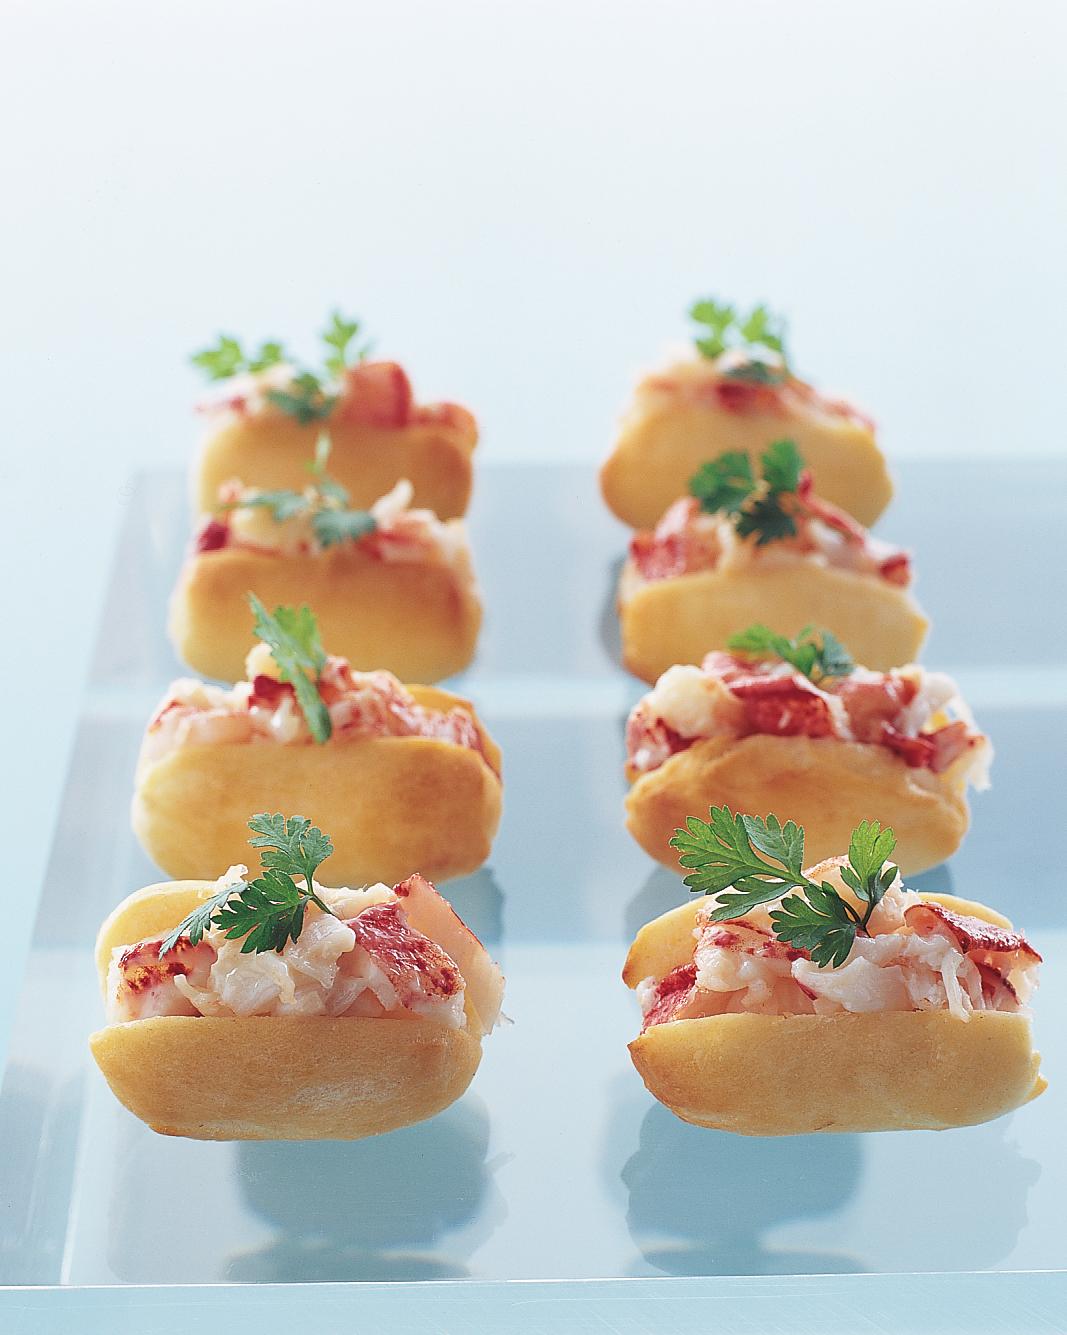 finger-food-recipes-little-lobster-rolls-su03-0615.jpg